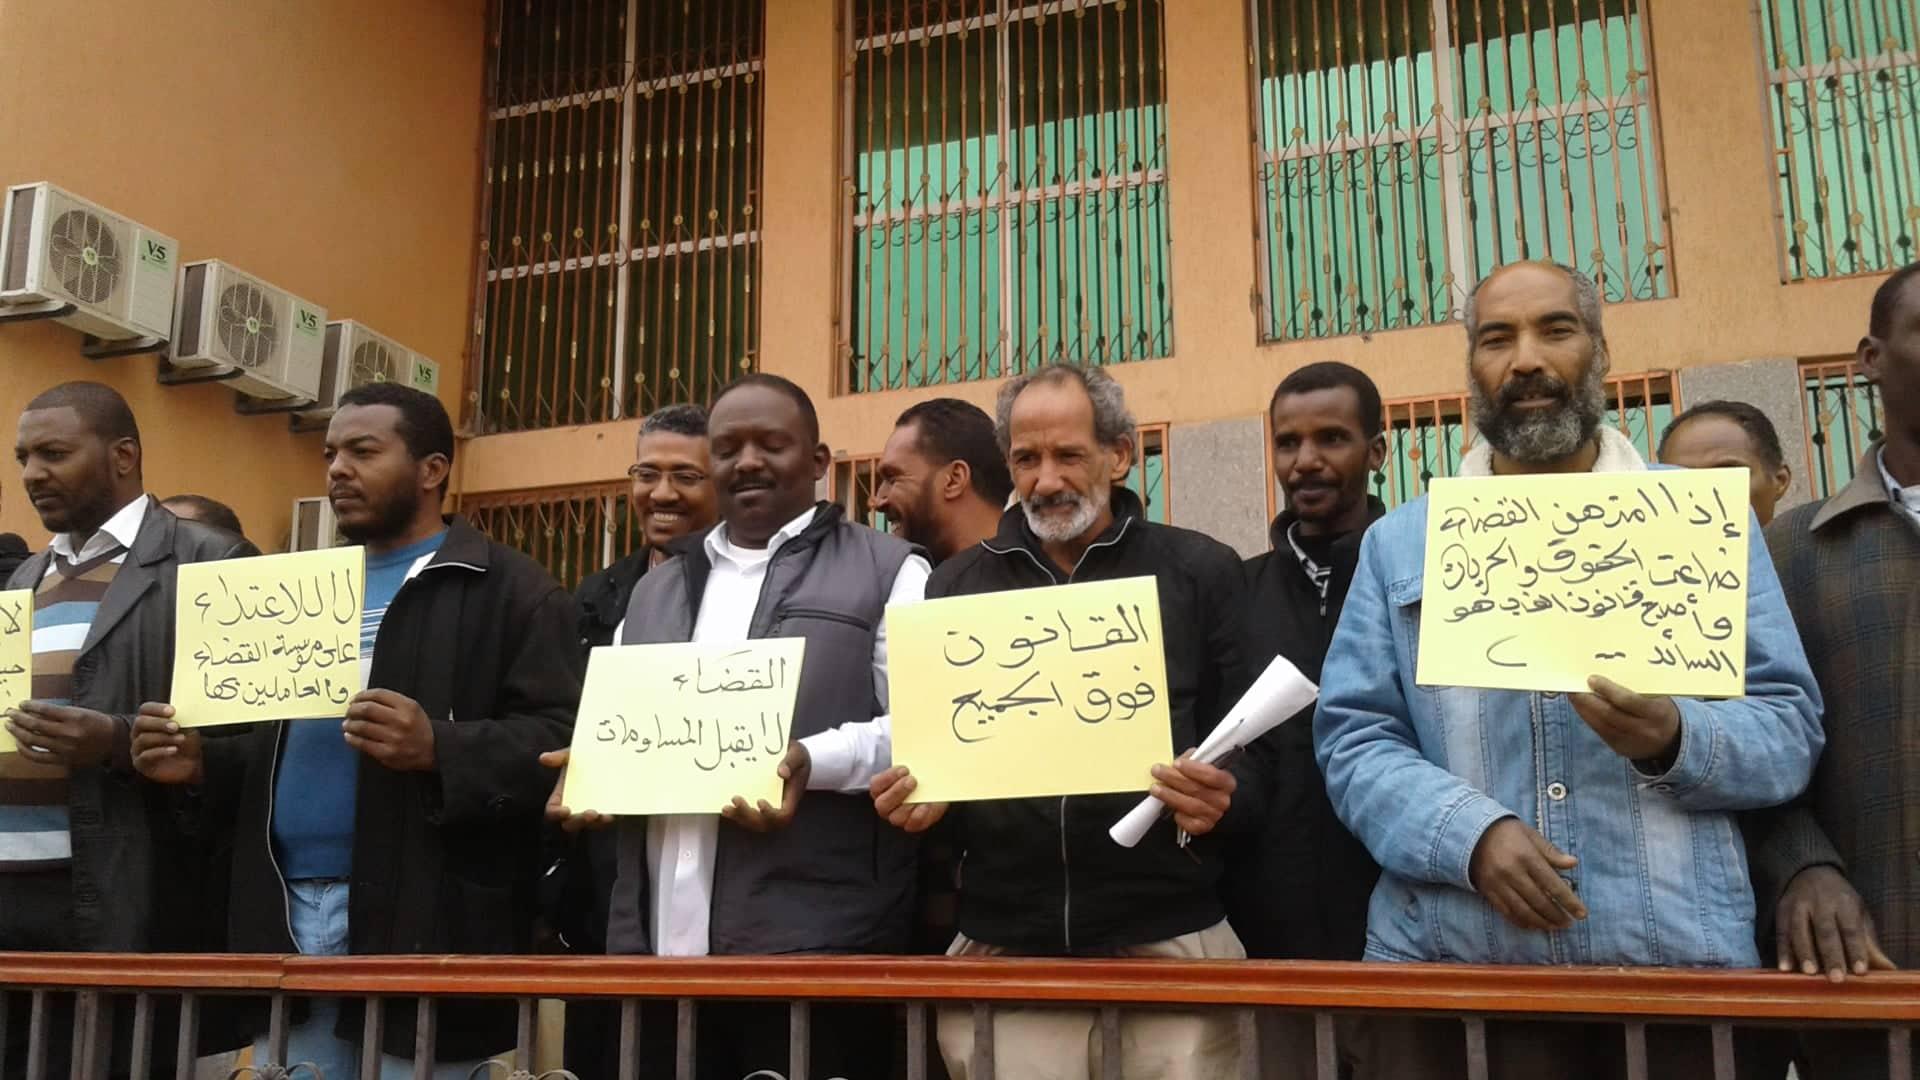 وقفة احتجاجية بعد الإفراج عن رئيس محكمة سبها